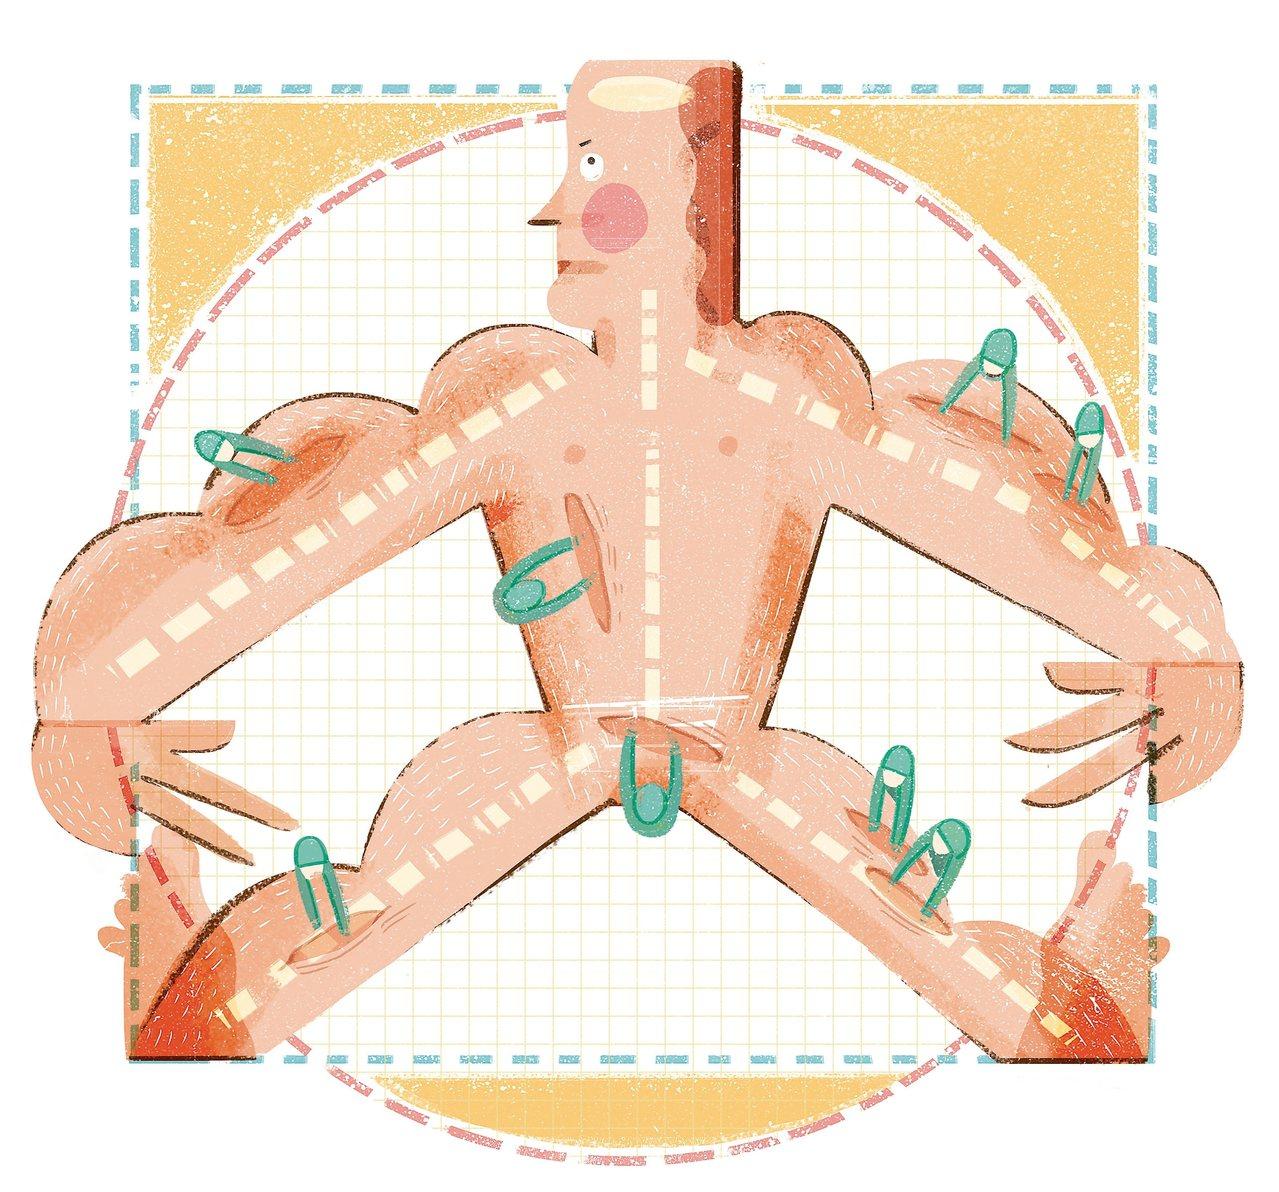 考進醫學系之前,就讀過許多關於醫學院解剖課的趣事,更有一些恐怖片的背景以解剖室為...